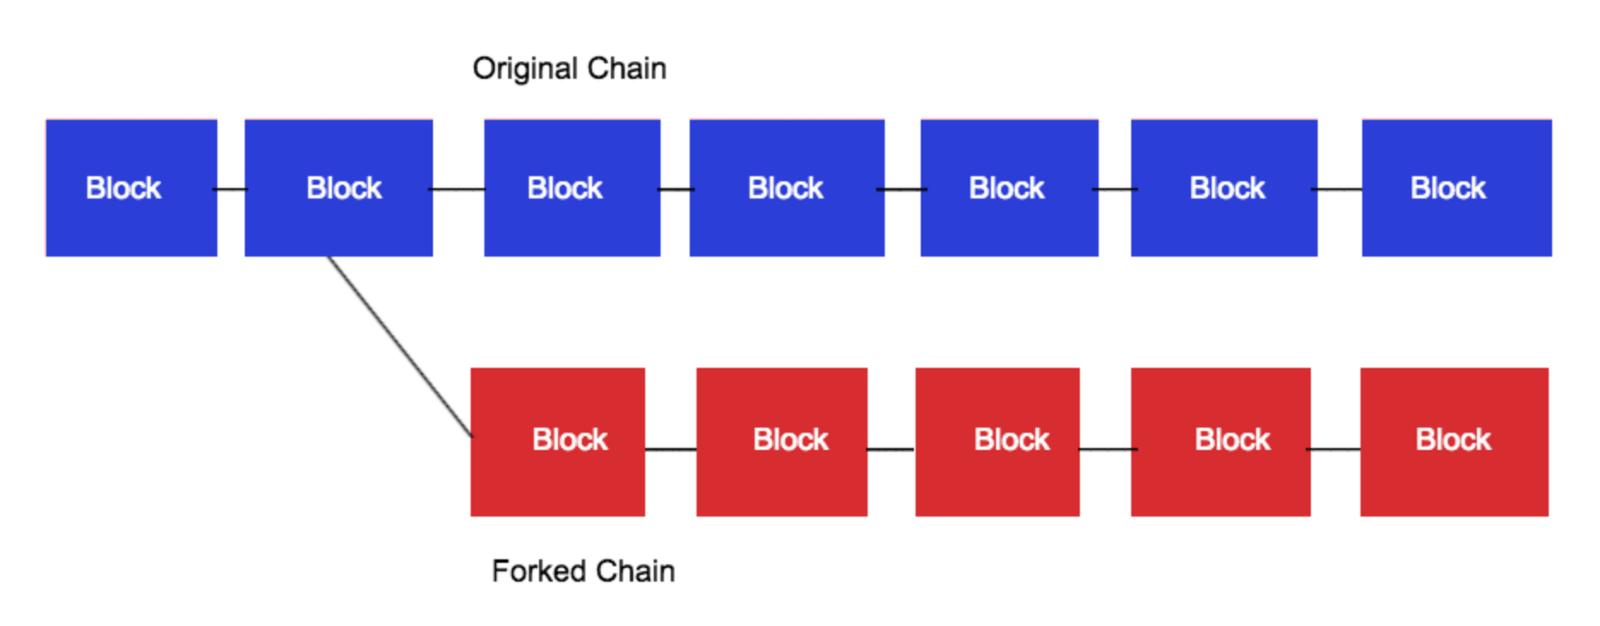 Blockchain fork visualised